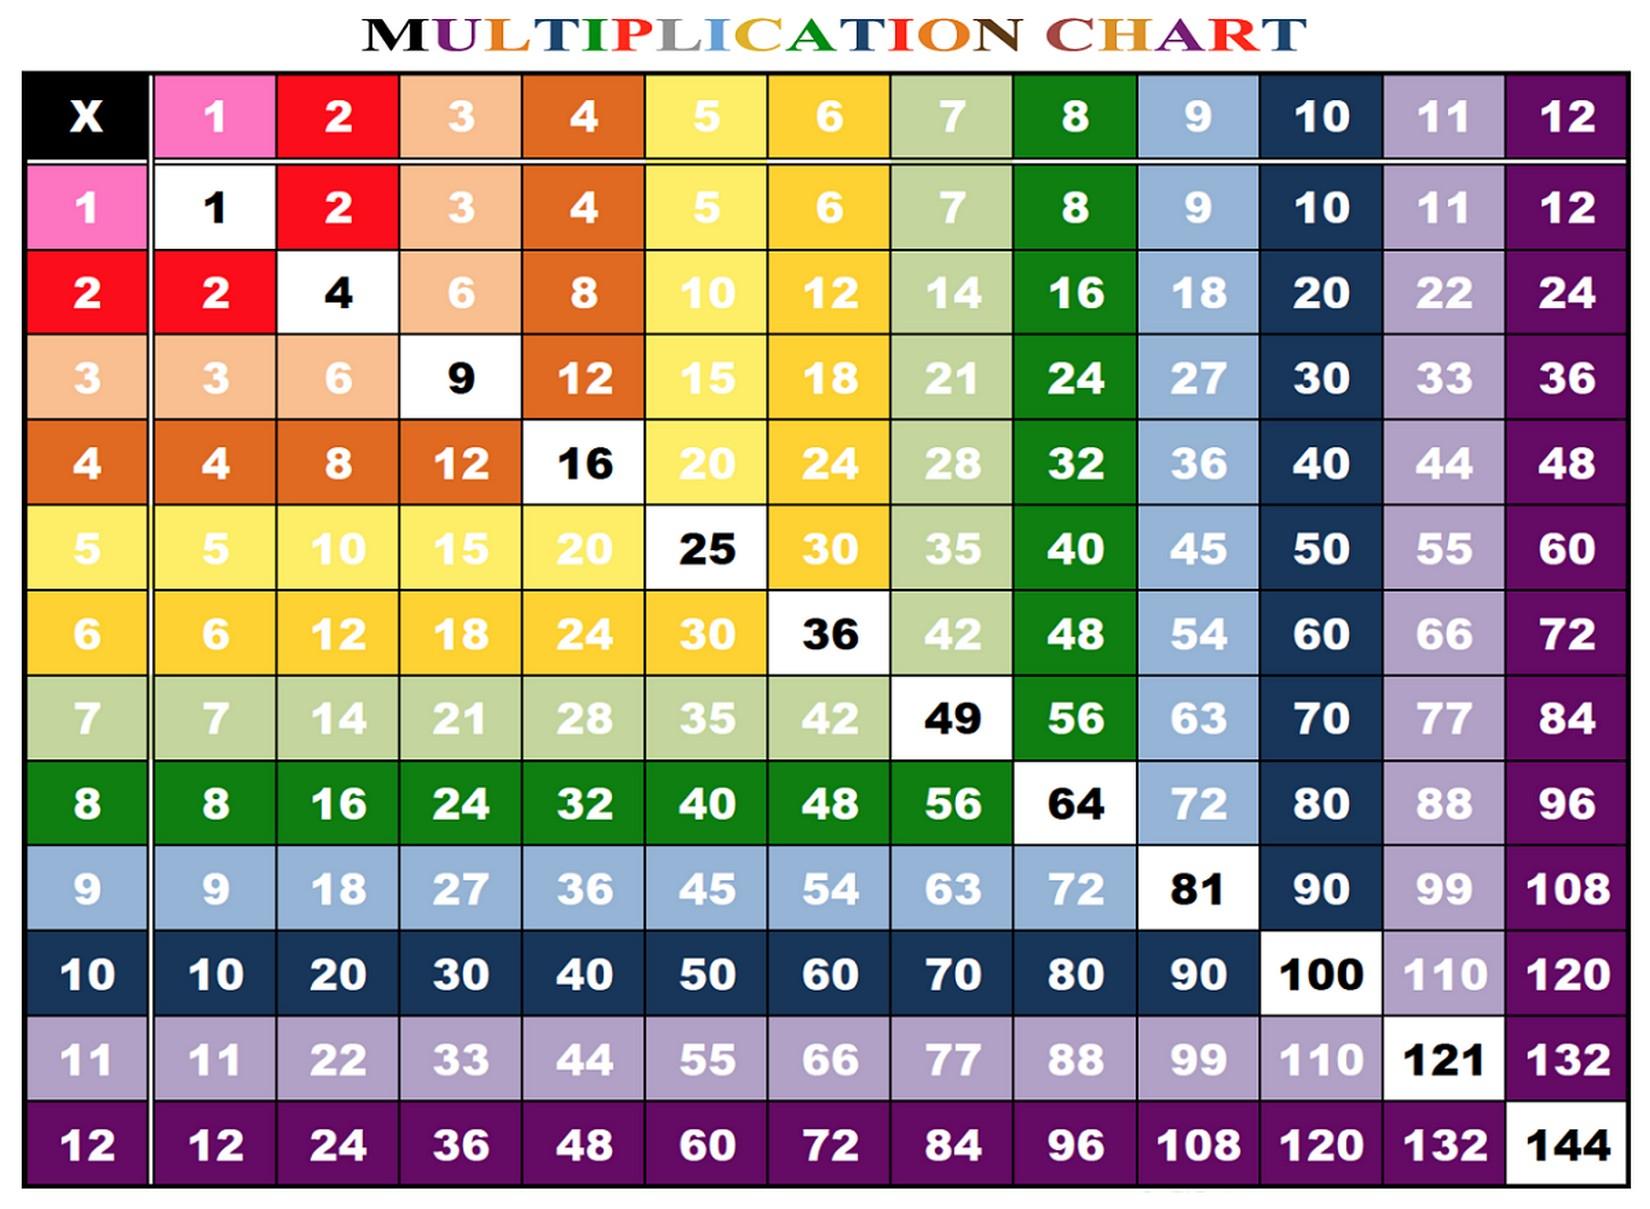 Multiplication Chart 1 12 For Kids